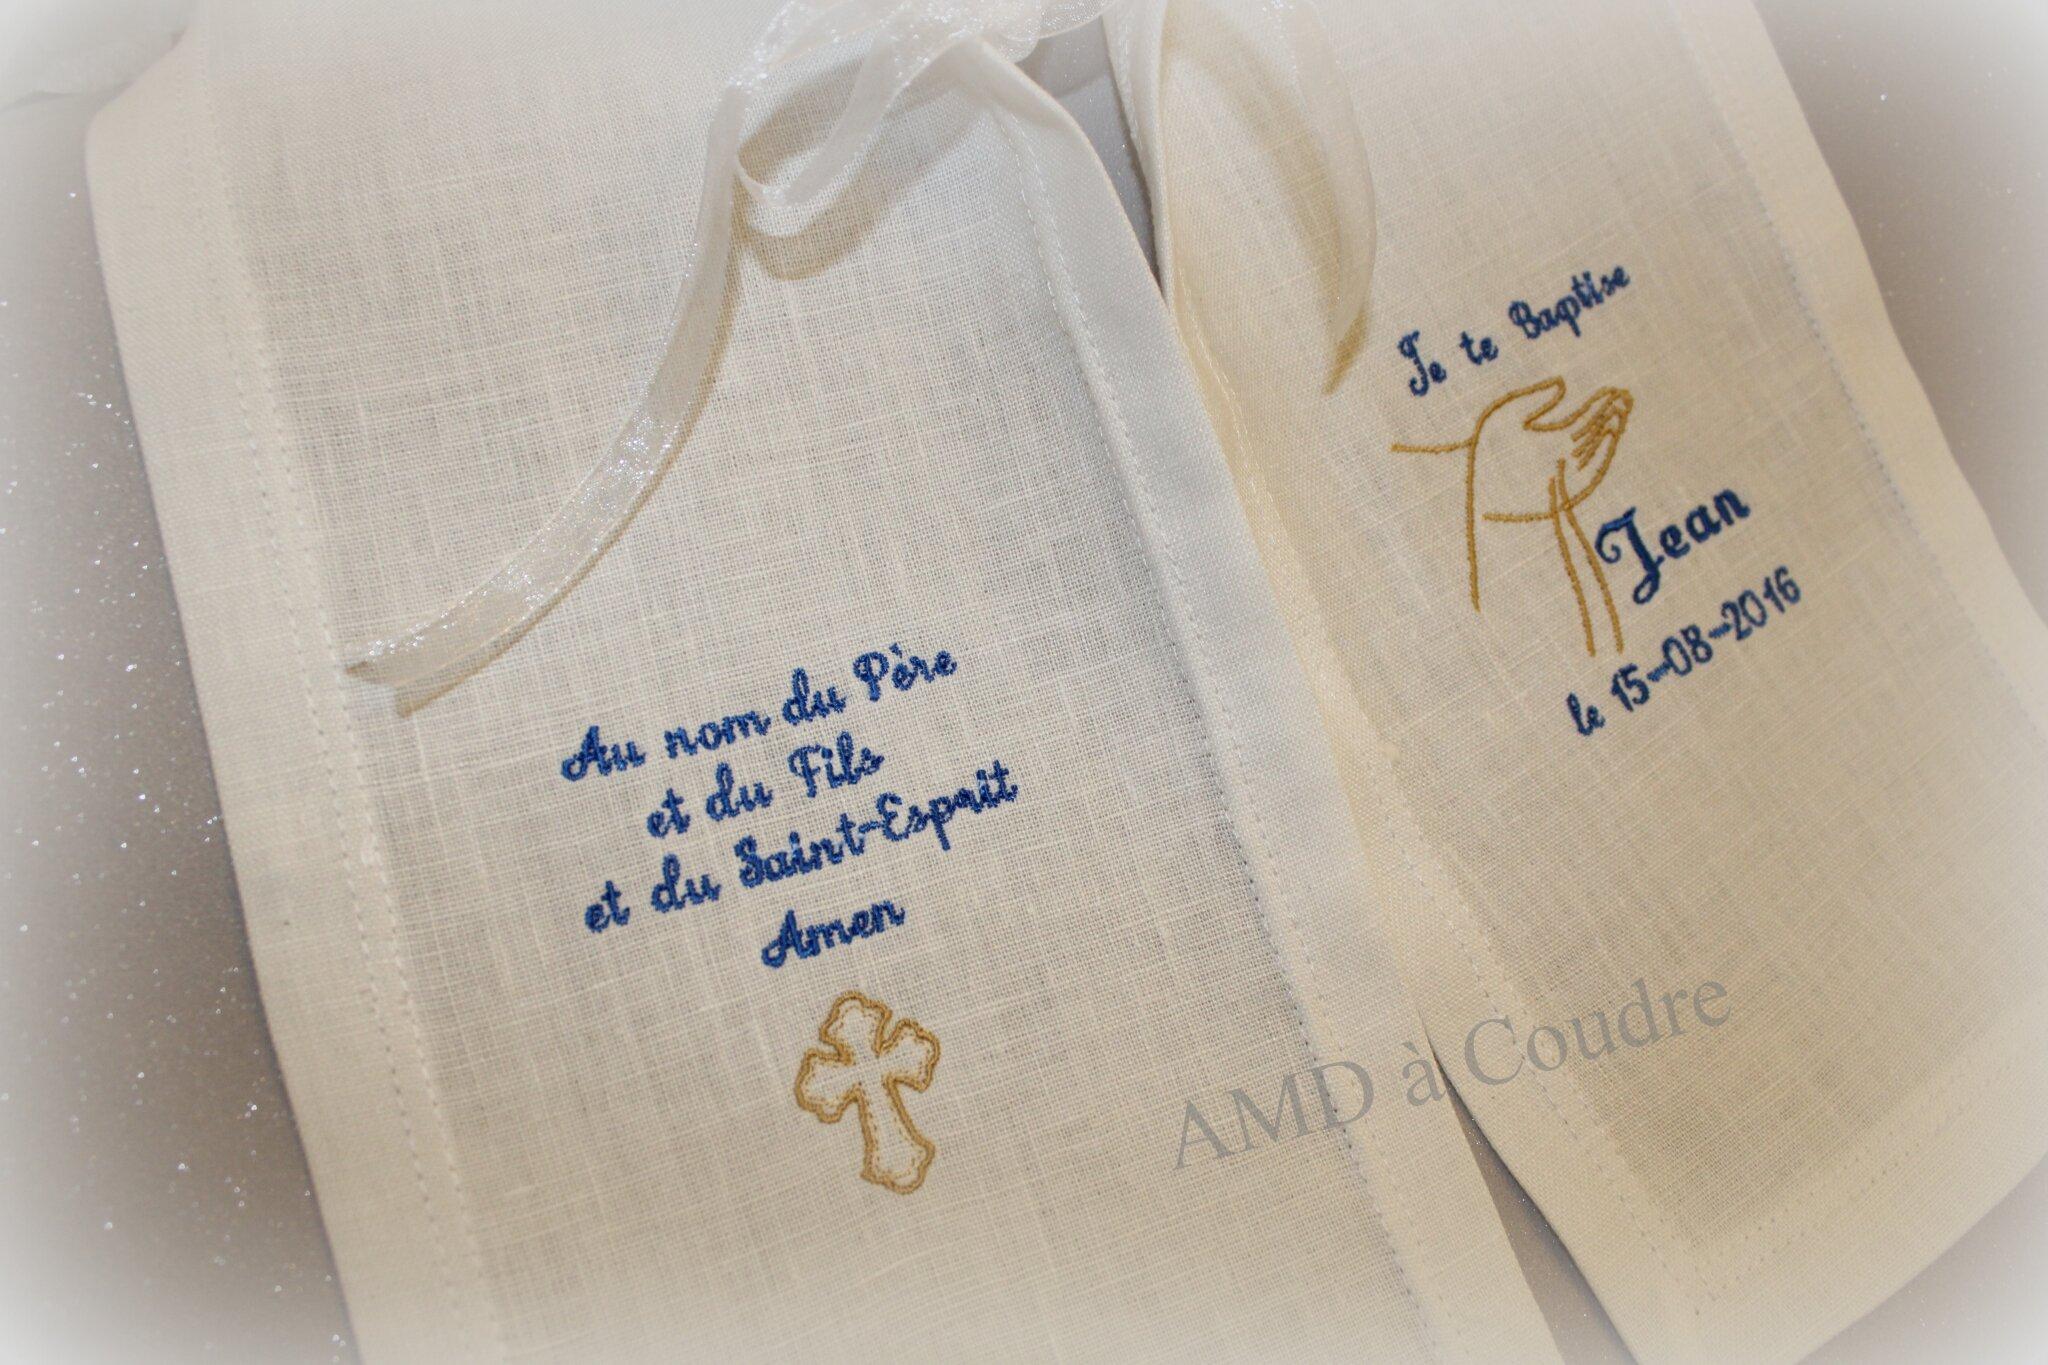 Ensemble de baptisé : l'étole personnalisée symbole liturgique de l'eau, je te baptise etc... création originiale AMD à Coudre